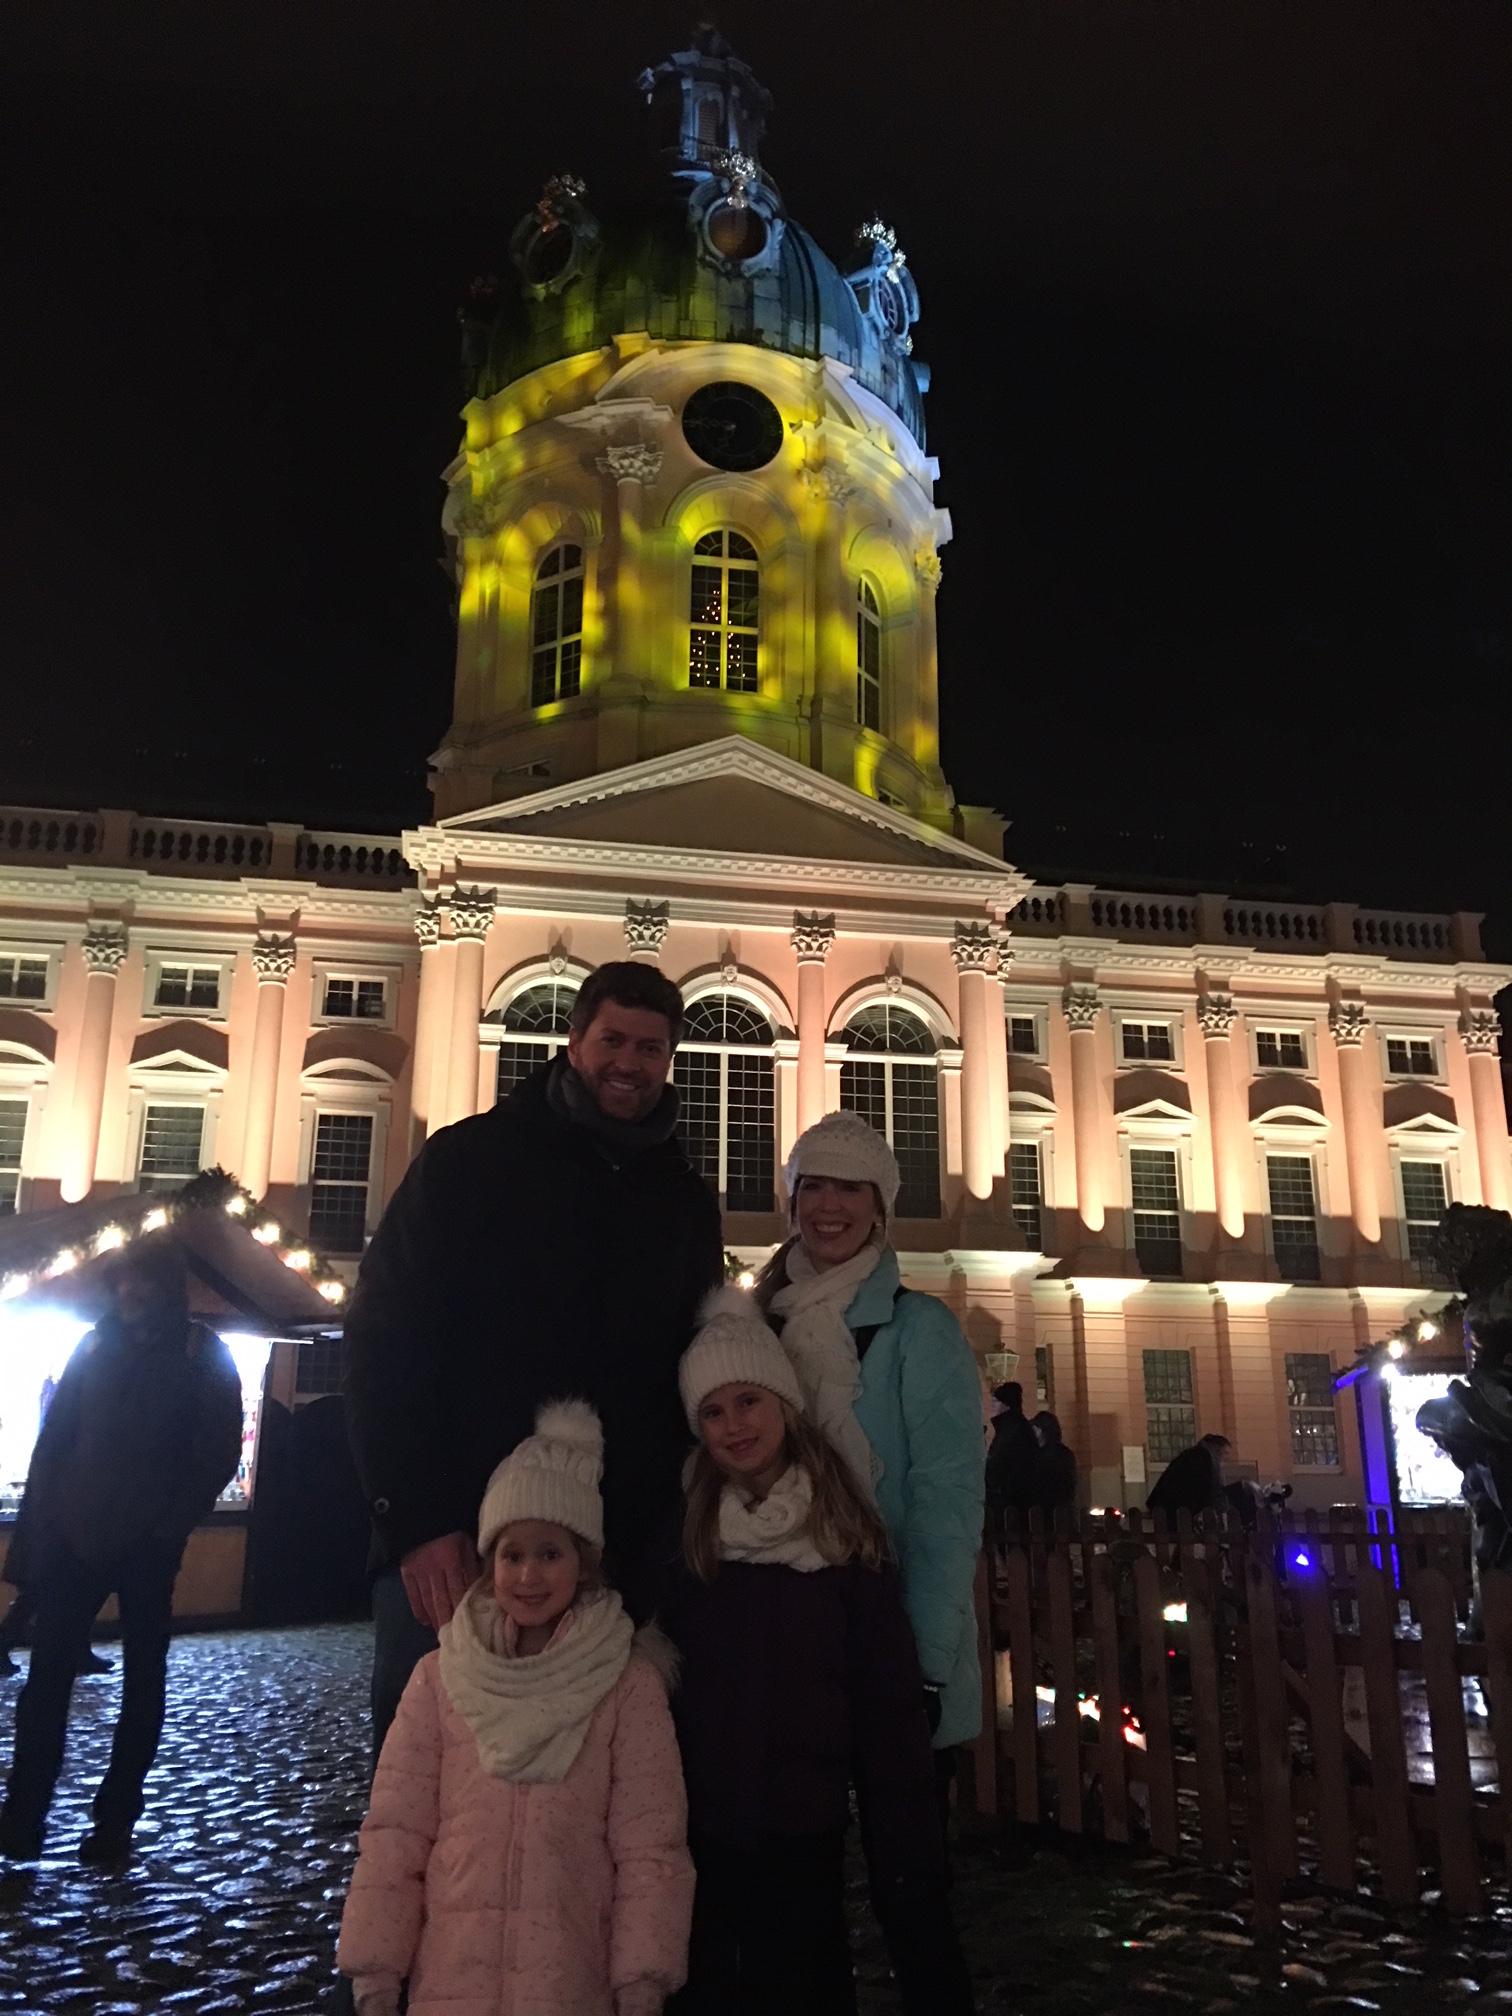 Christmas Market at the Palace